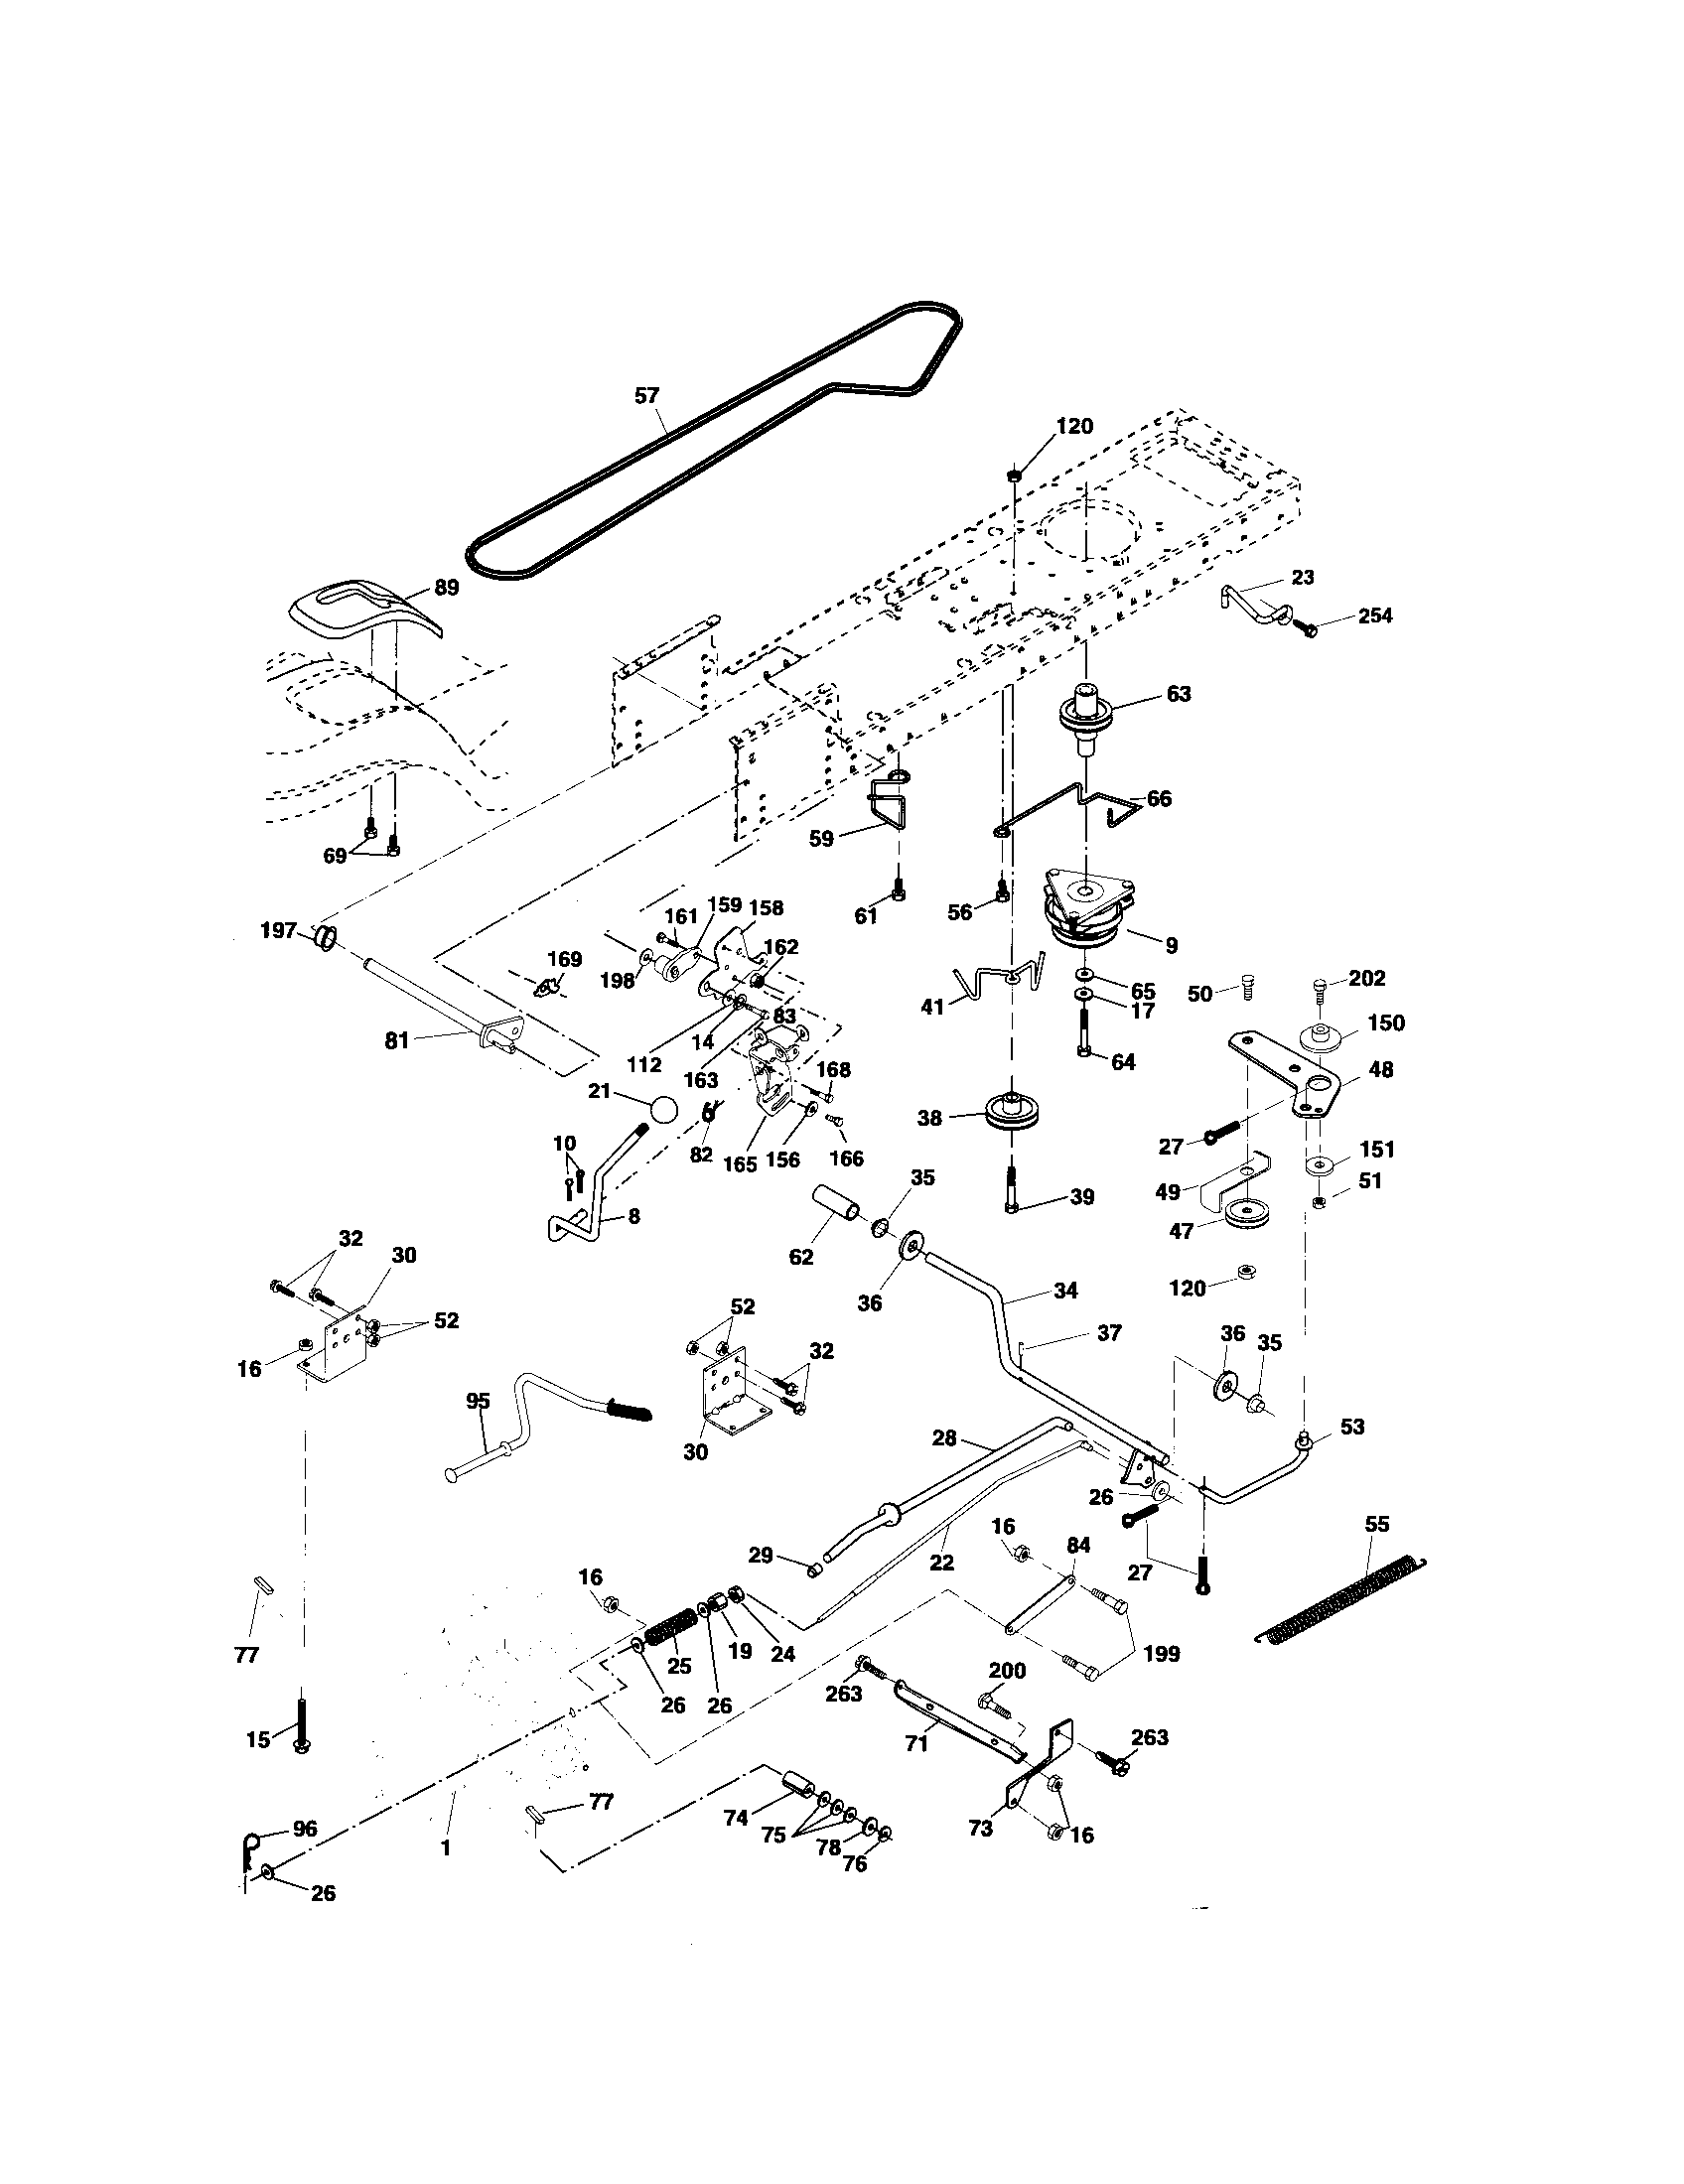 DRIVE Diagram & Parts List for Model pk20h48yt Poulan